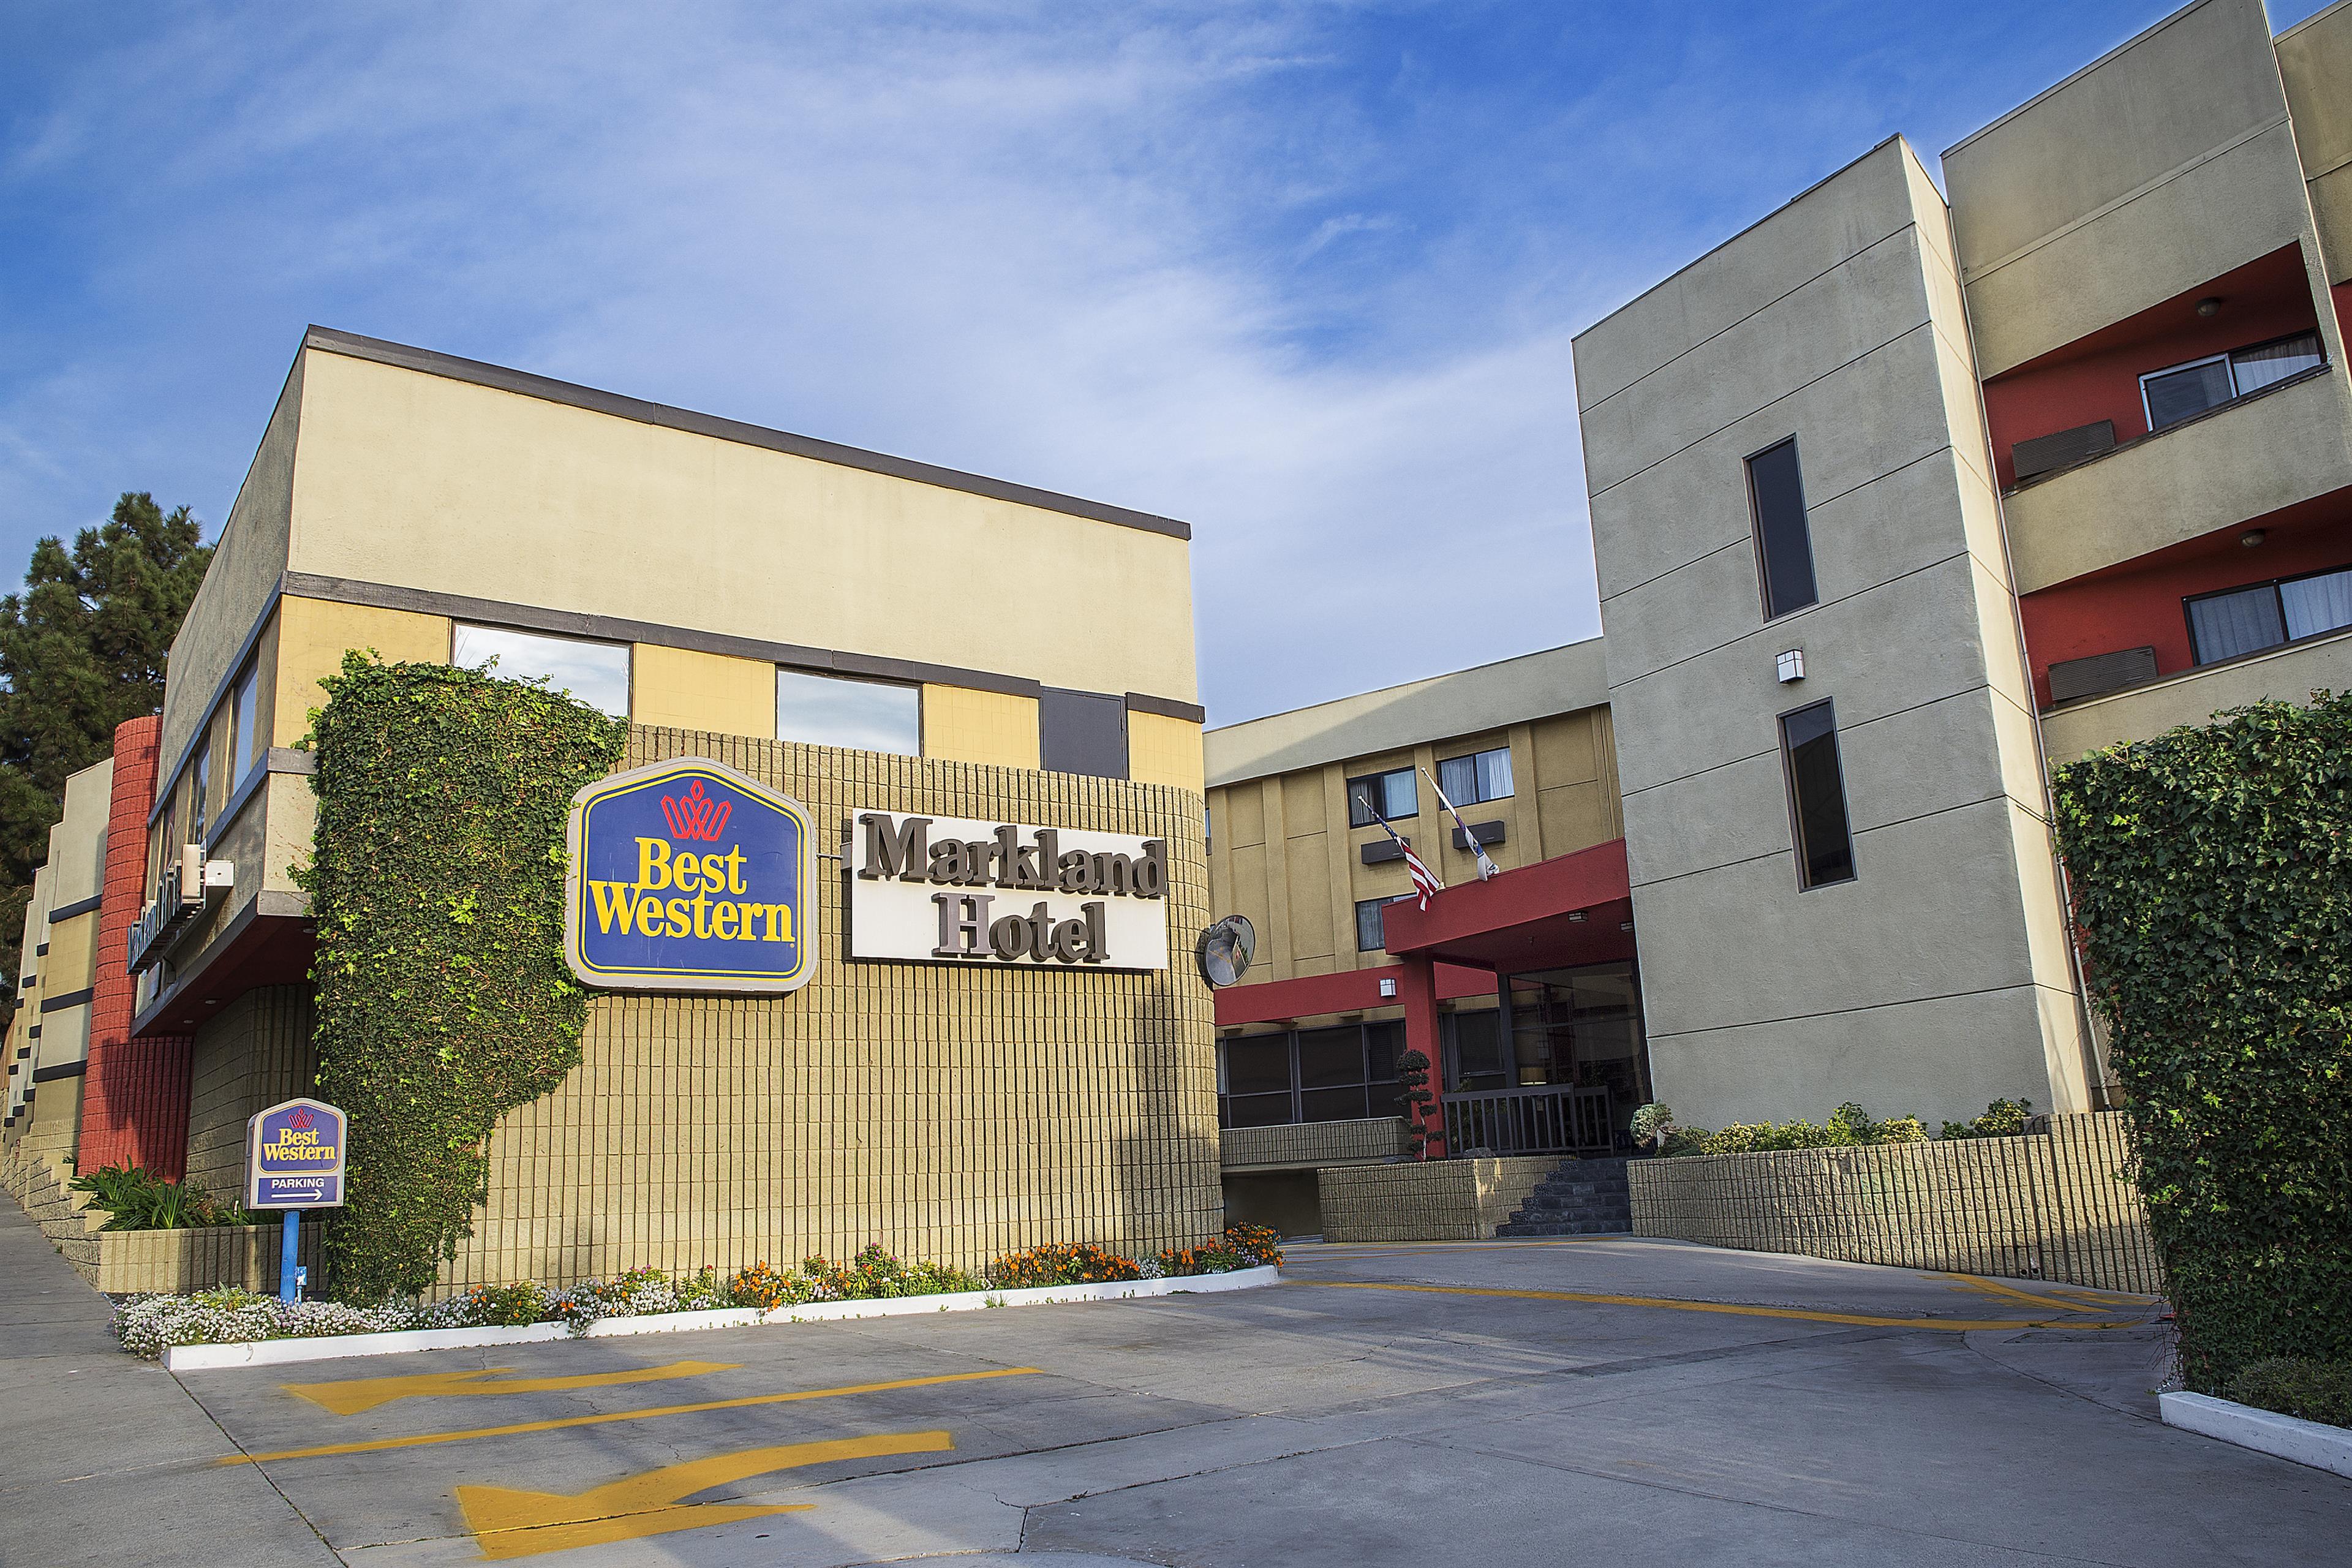 best western markland hotel in monterey park ca 323